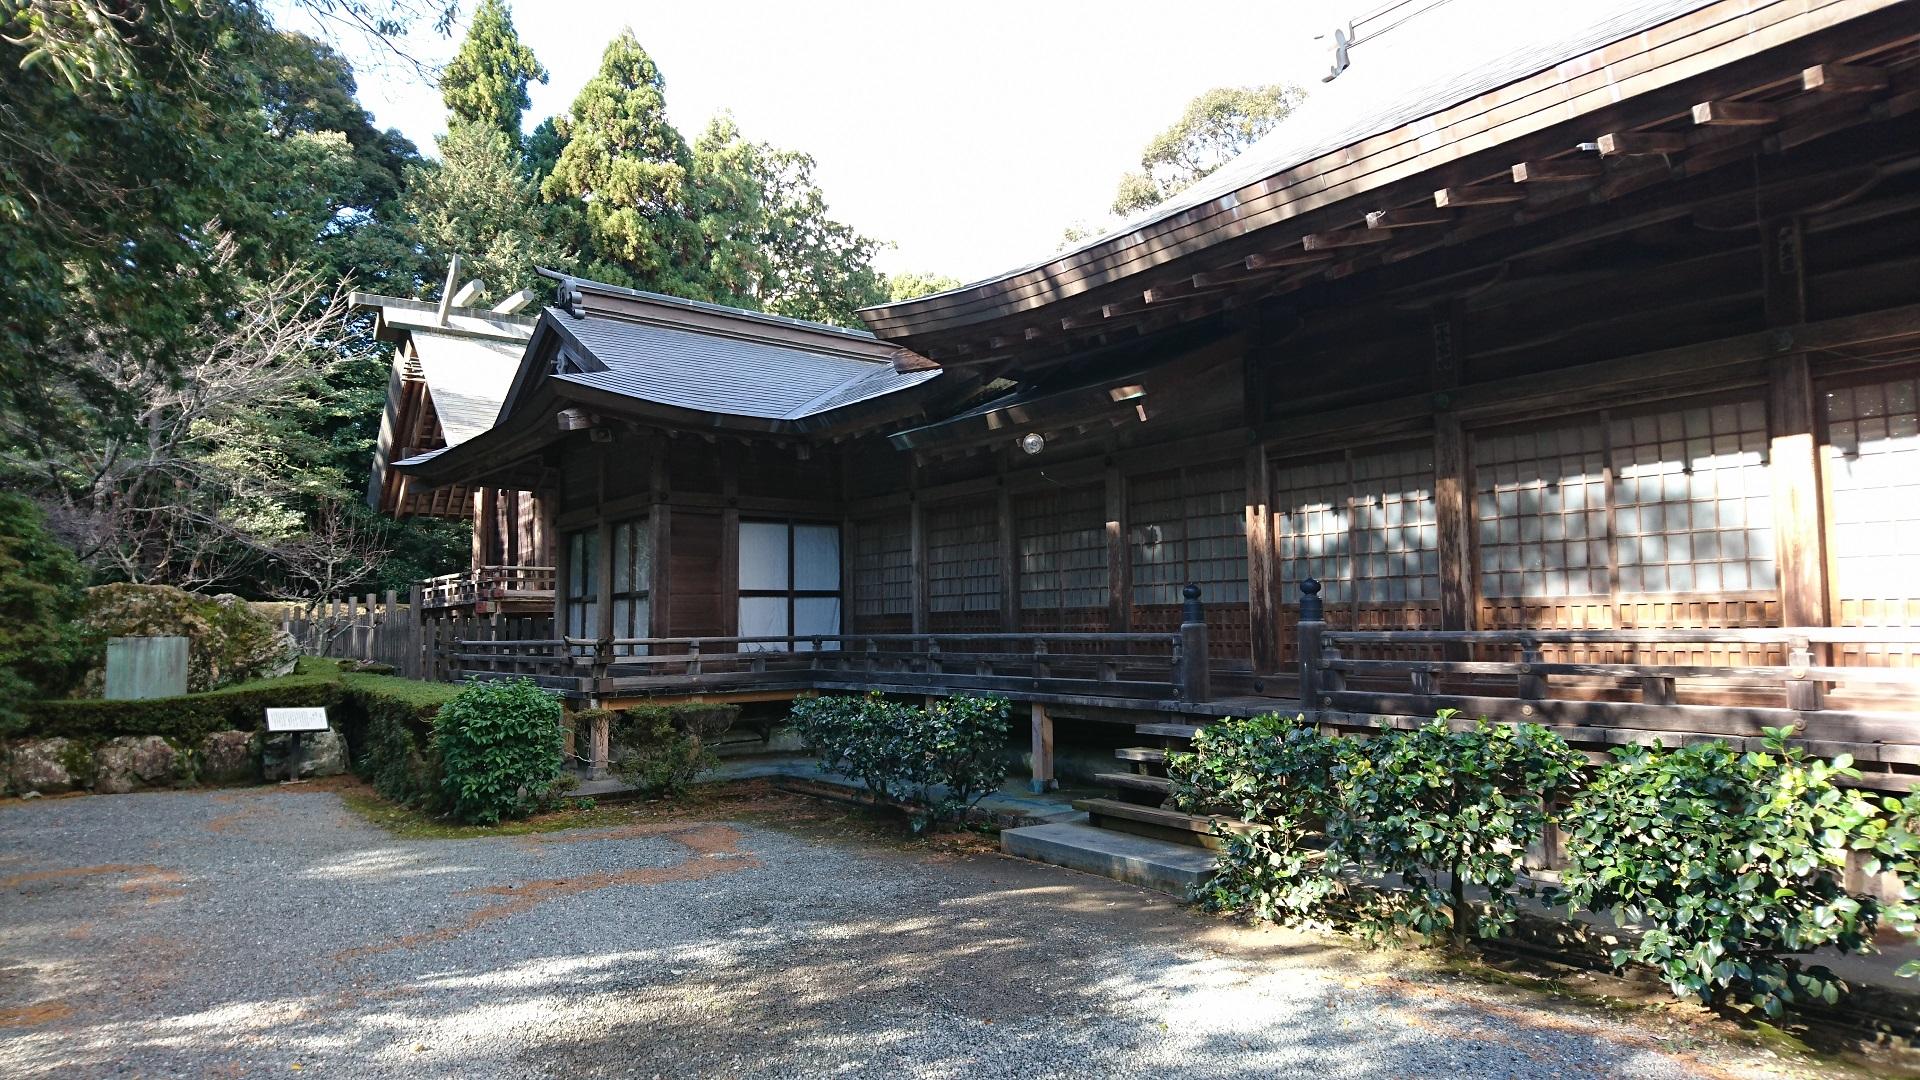 2016.12.23 井伊谷宮 (16) 拝殿 1920-1080